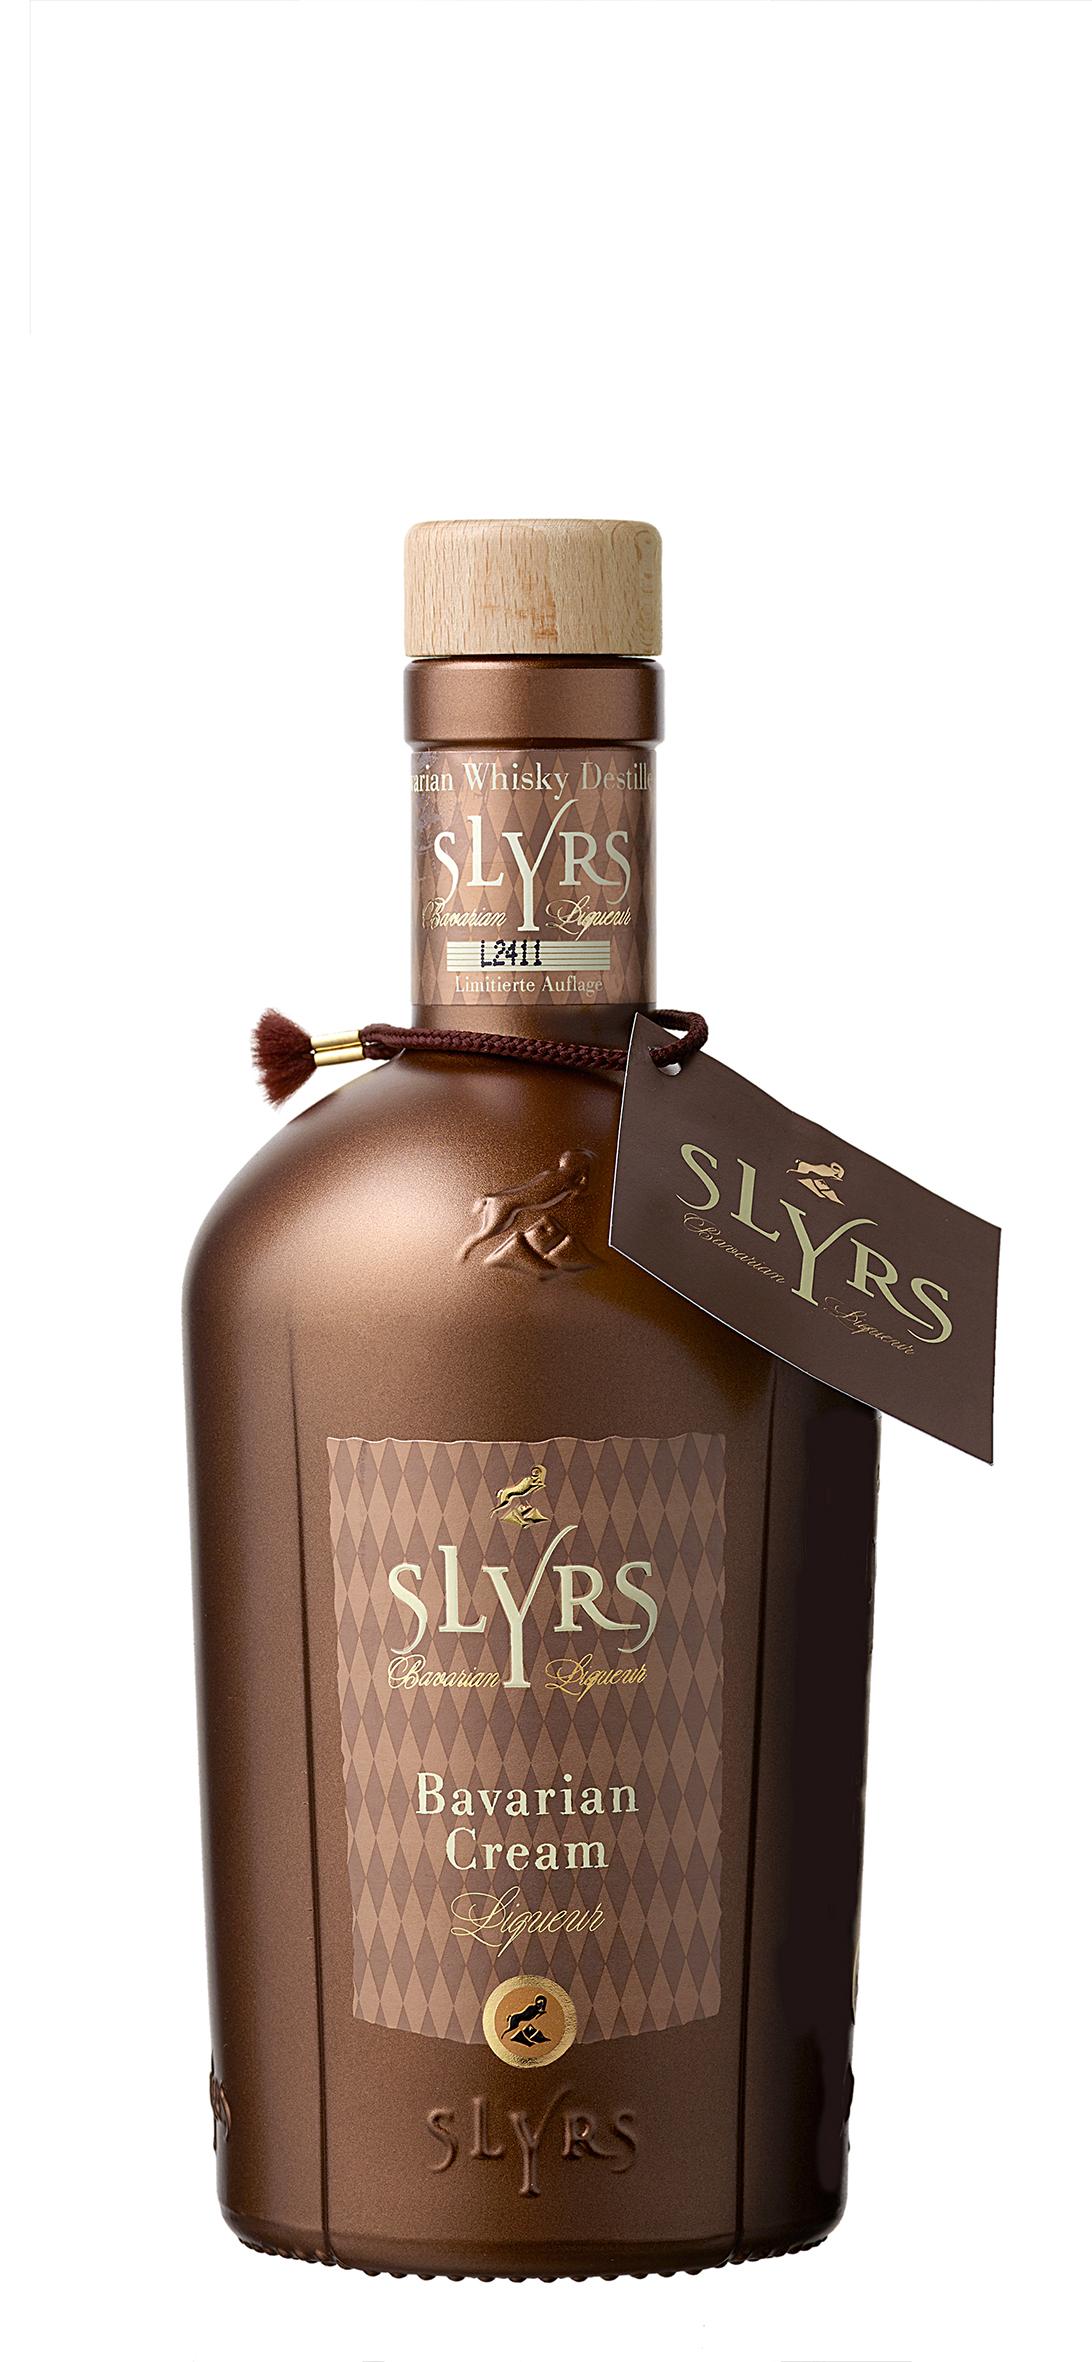 Slyrs Bavarian Cream Liqueur 350ml